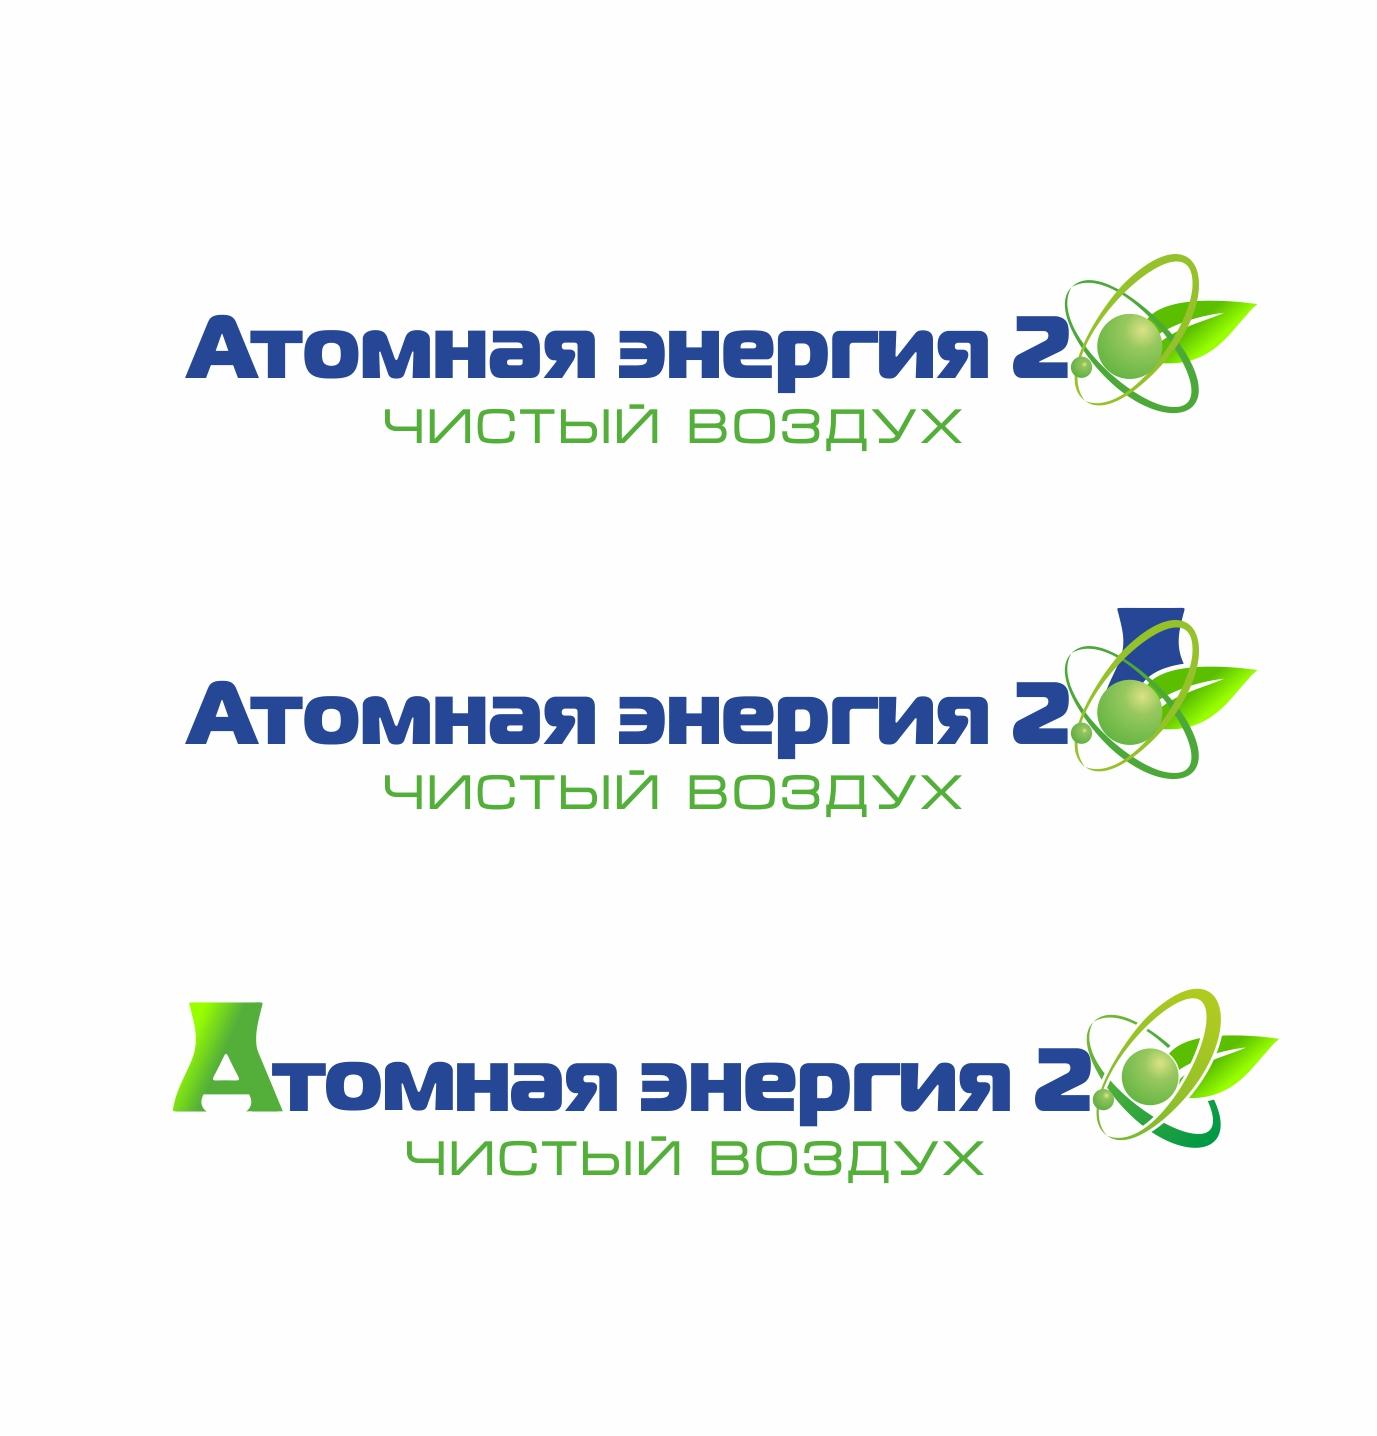 """Фирменный стиль для научного портала """"Атомная энергия 2.0"""" фото f_62359dce495b97eb.jpg"""